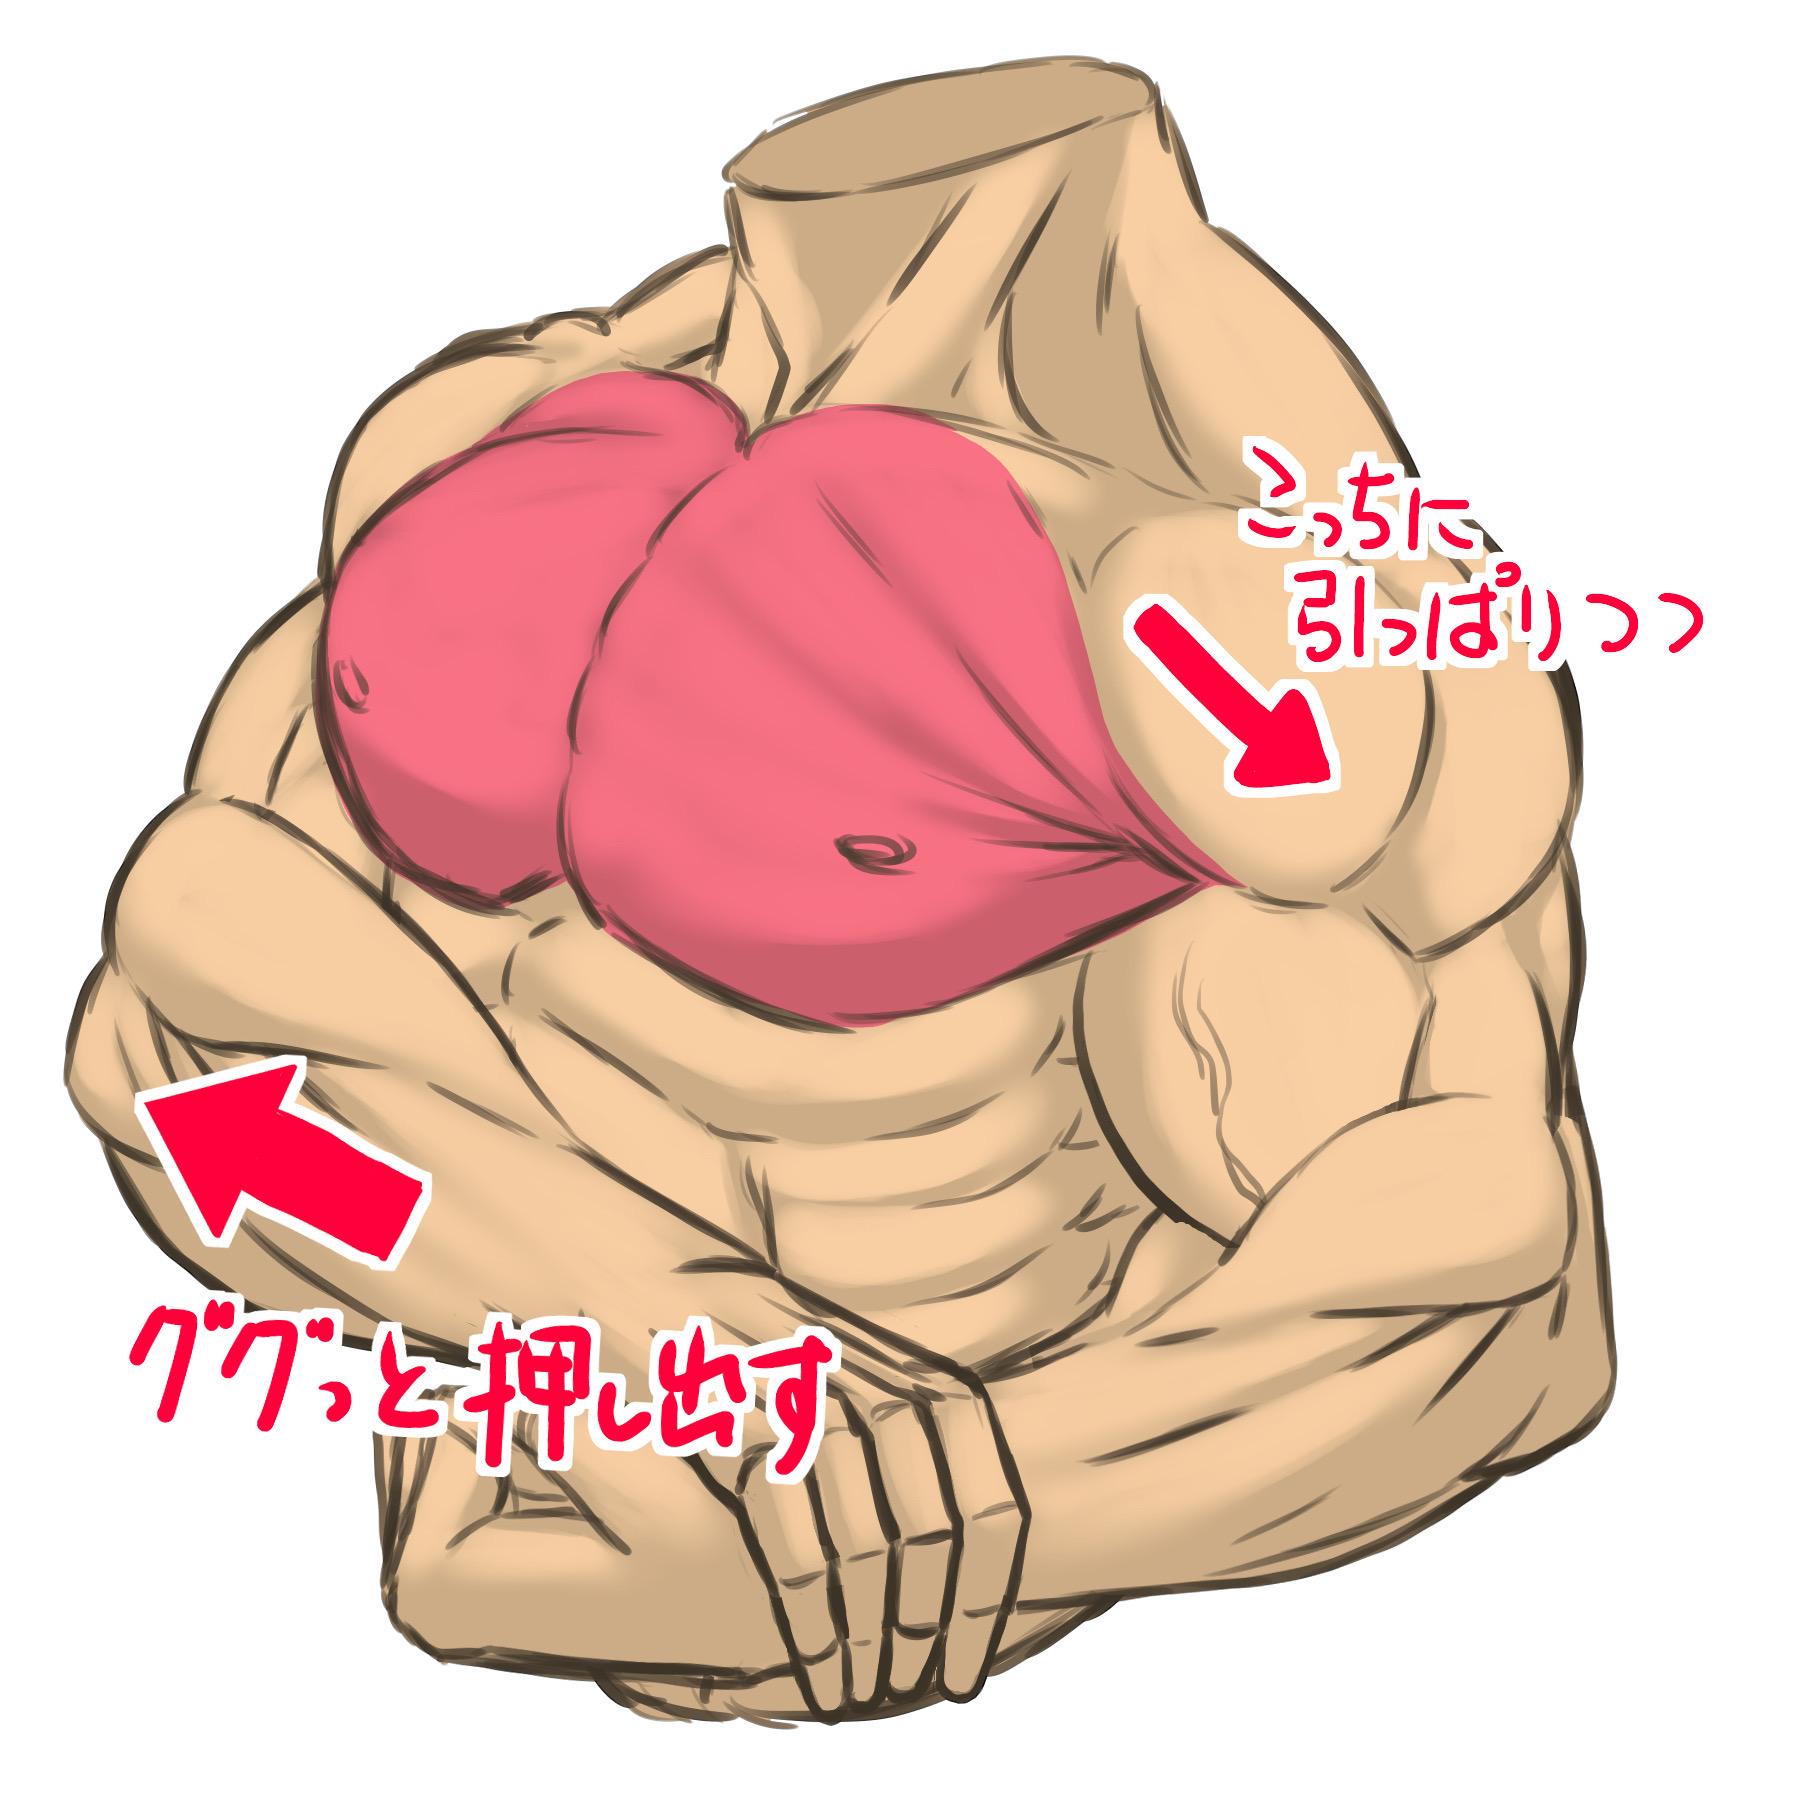 サイドチェストなど、胸を張り出すポーズ。腕に引っ張られつつ体で押し出して強調しているよう意識して描くと良いです。主に大胸筋中部の筋肉が作用する動作です。